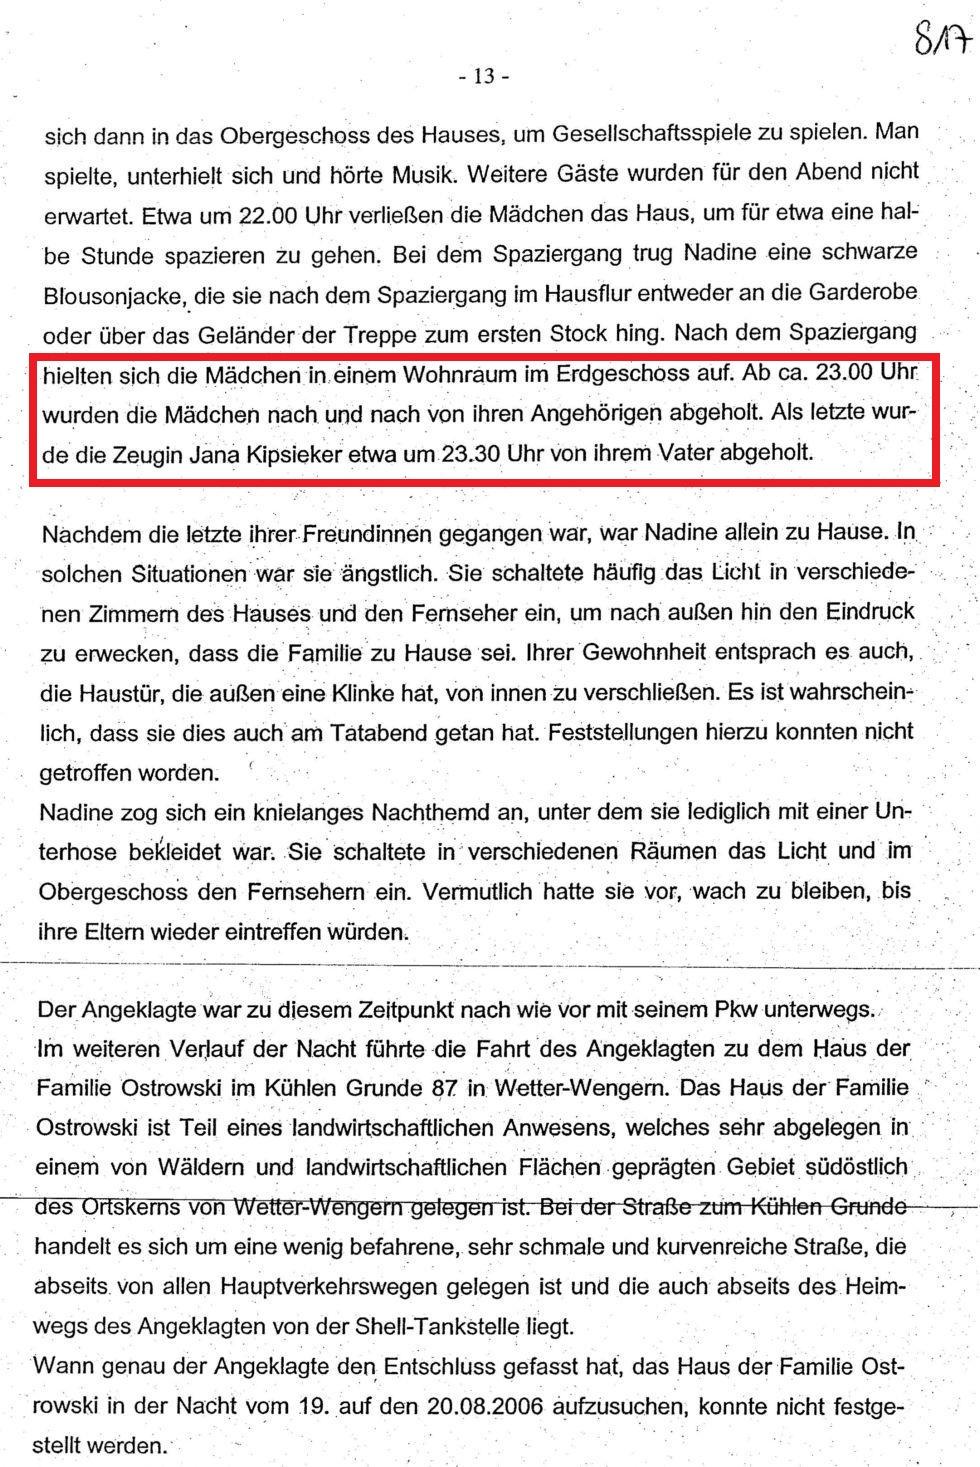 Ralf Jäger | Skurriles aus dem Internet, Junkies, Trolle und Spammer